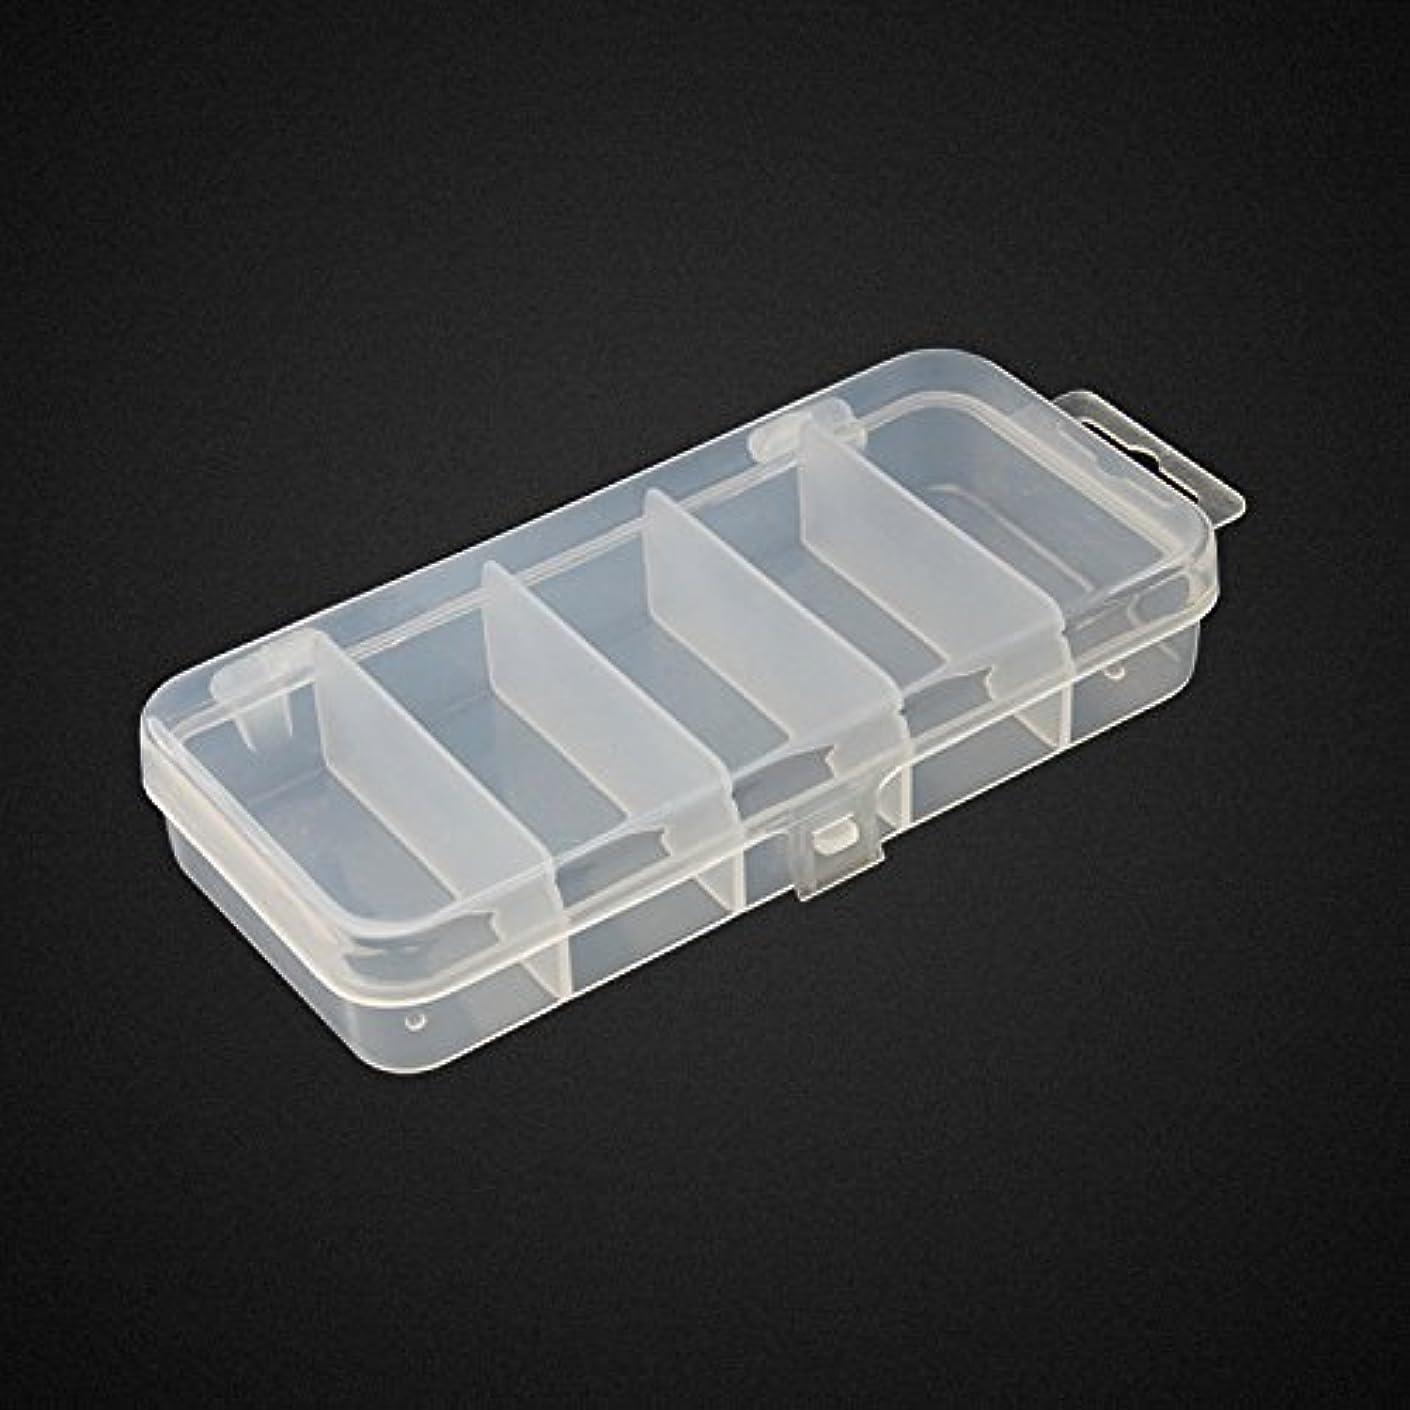 信条爆発物熟考するHonbay 2PCS 5 Grid Clear Visible Plastic Fishing Tackle Accessory Box Fishing Lure Bait Hooks Storage Box Case Container Jewellery Making Findings Organiser Box Storage Container Case - 13x6x2.5cm